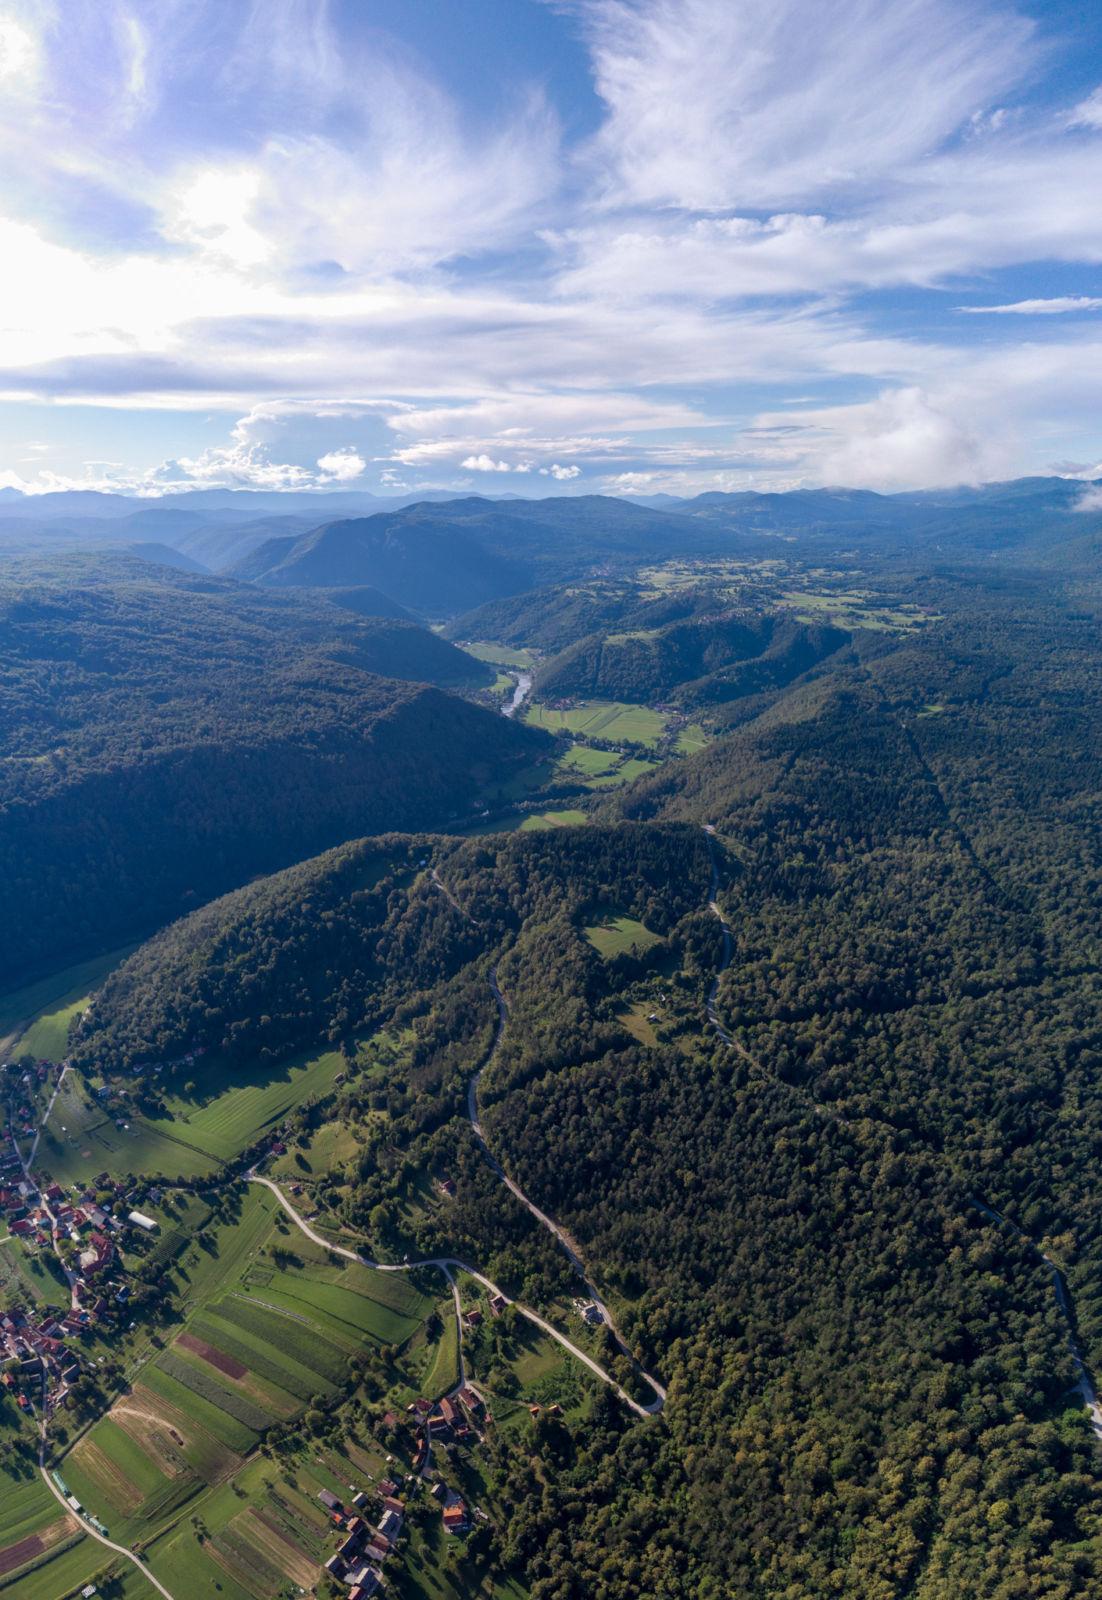 Pogled iz zraka na reko Kolpo